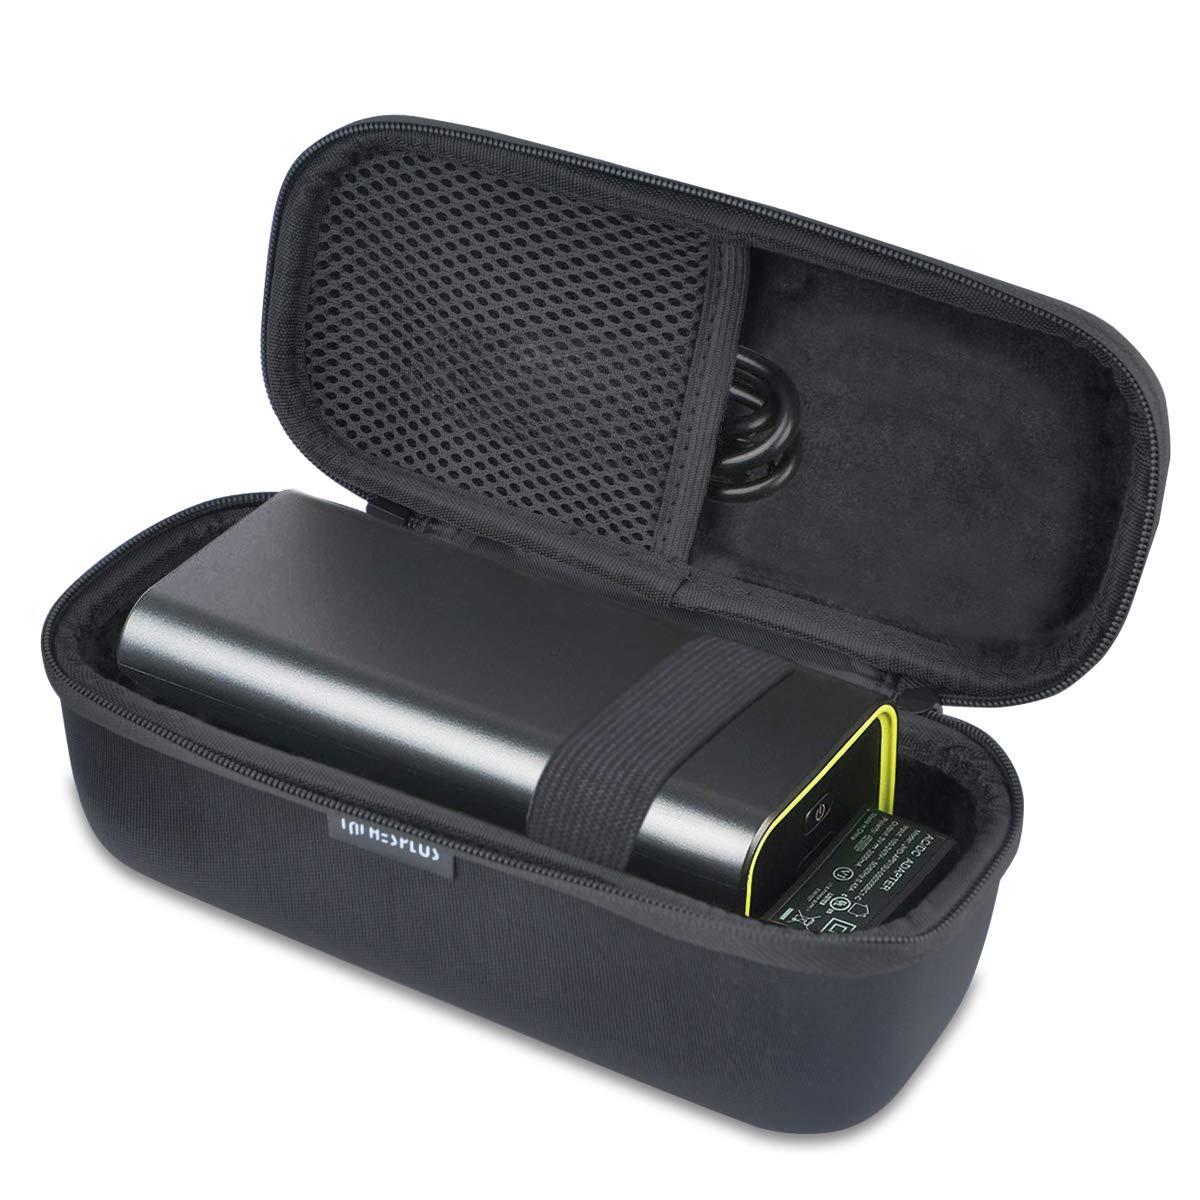 HESPLUS PowerBar 20800mAh 23200mAh Portable